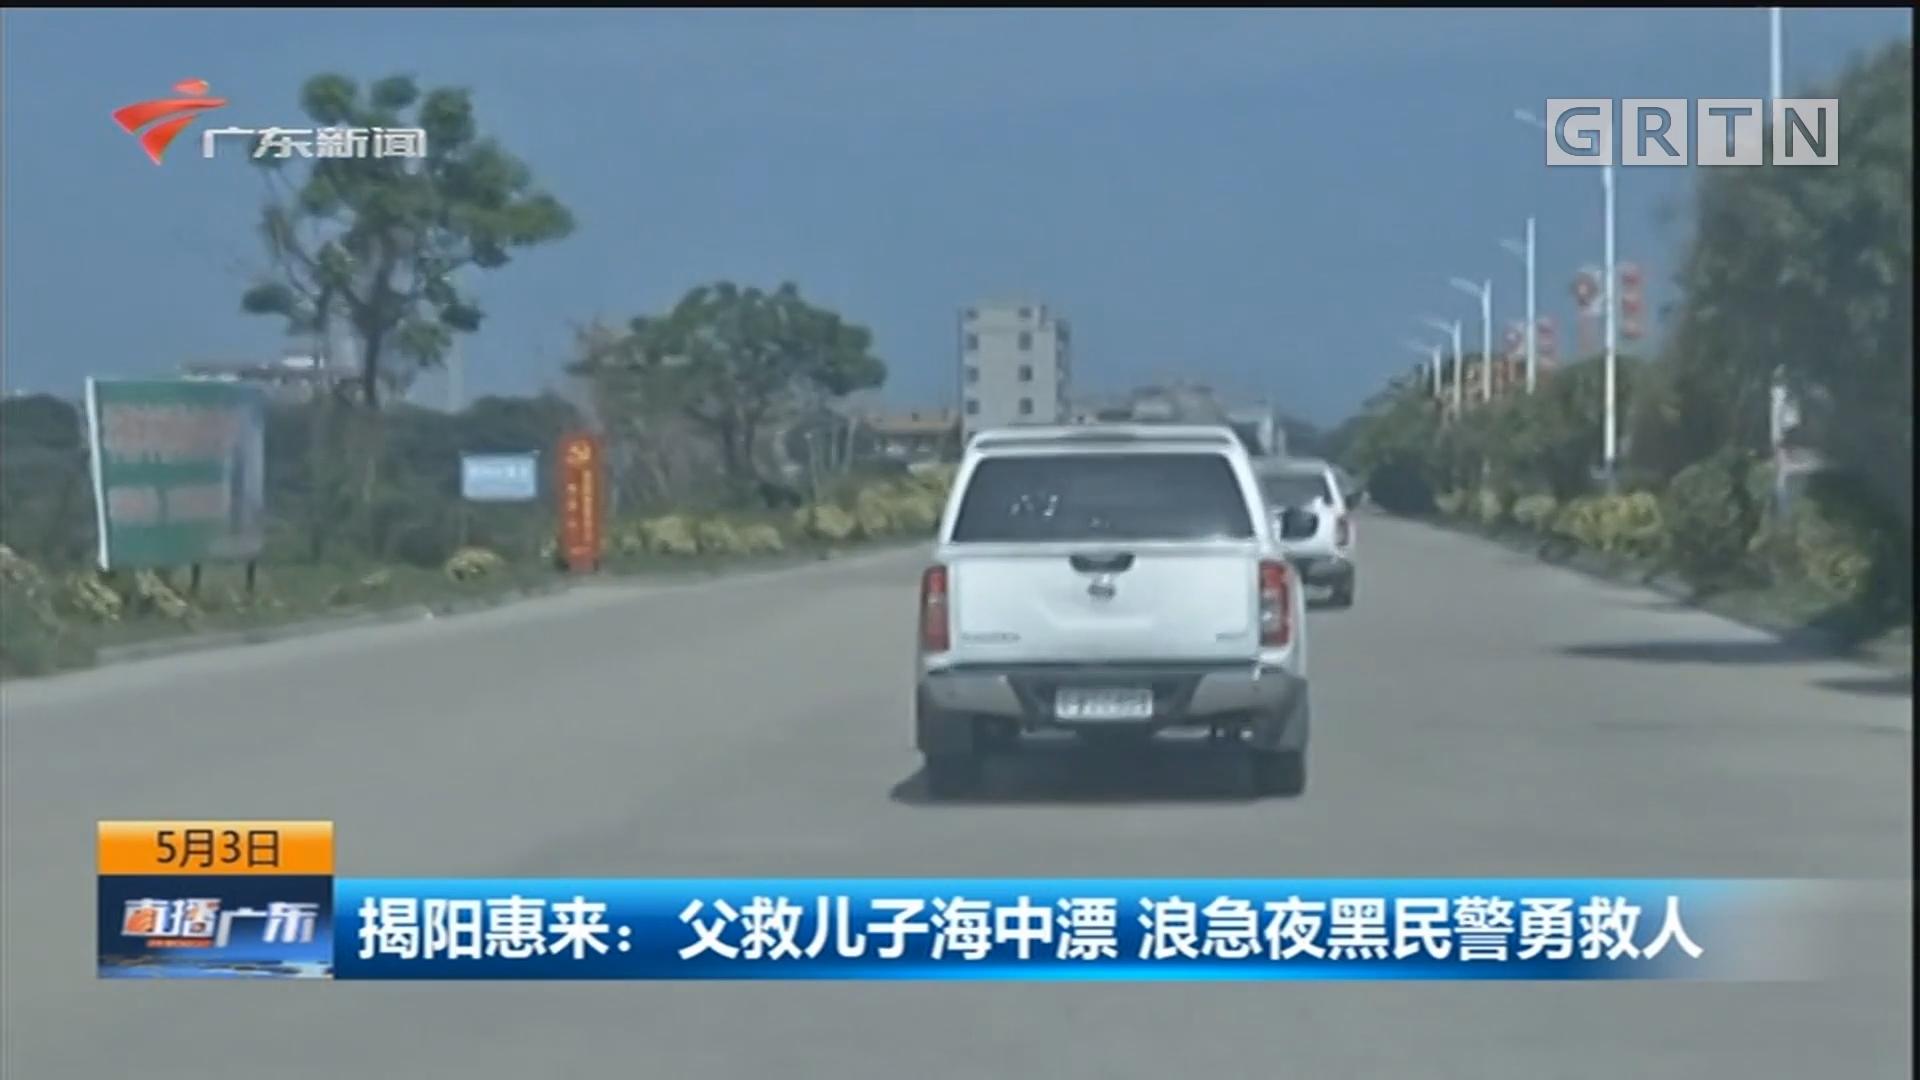 揭陽惠來:父救兒子海中漂 浪急夜黑民警勇救人